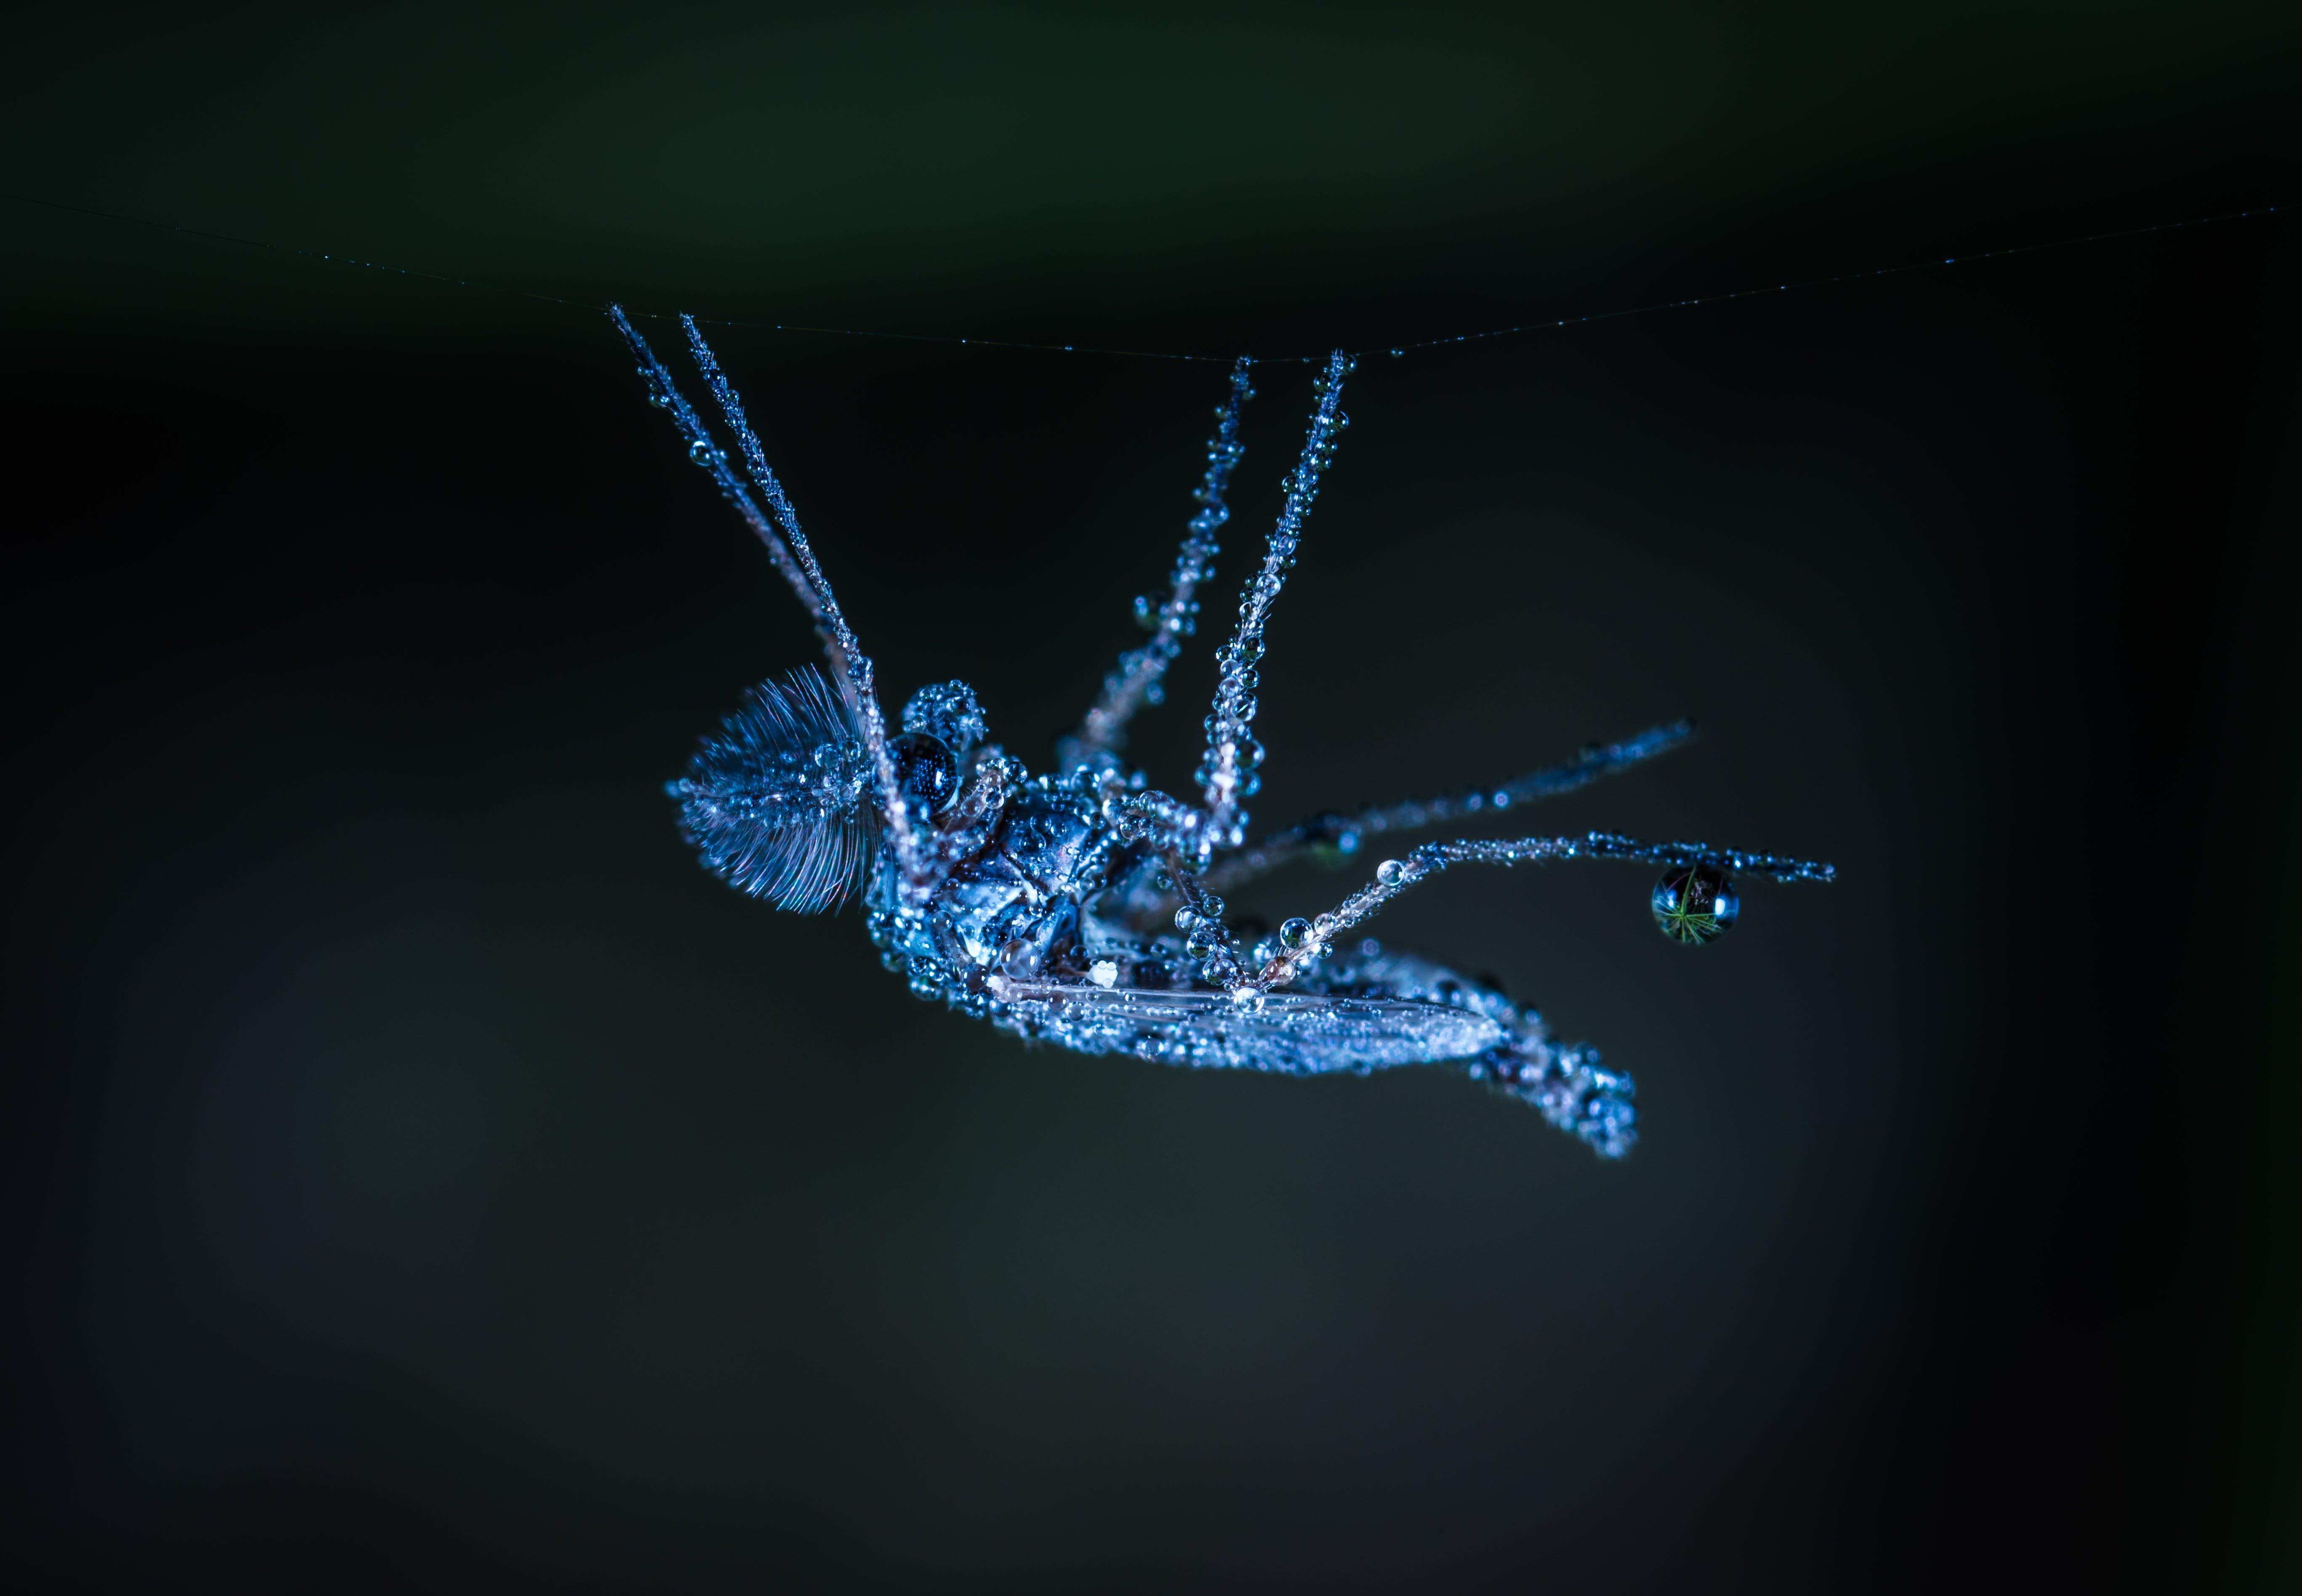 Macro Shot of Gray Crawling Insect